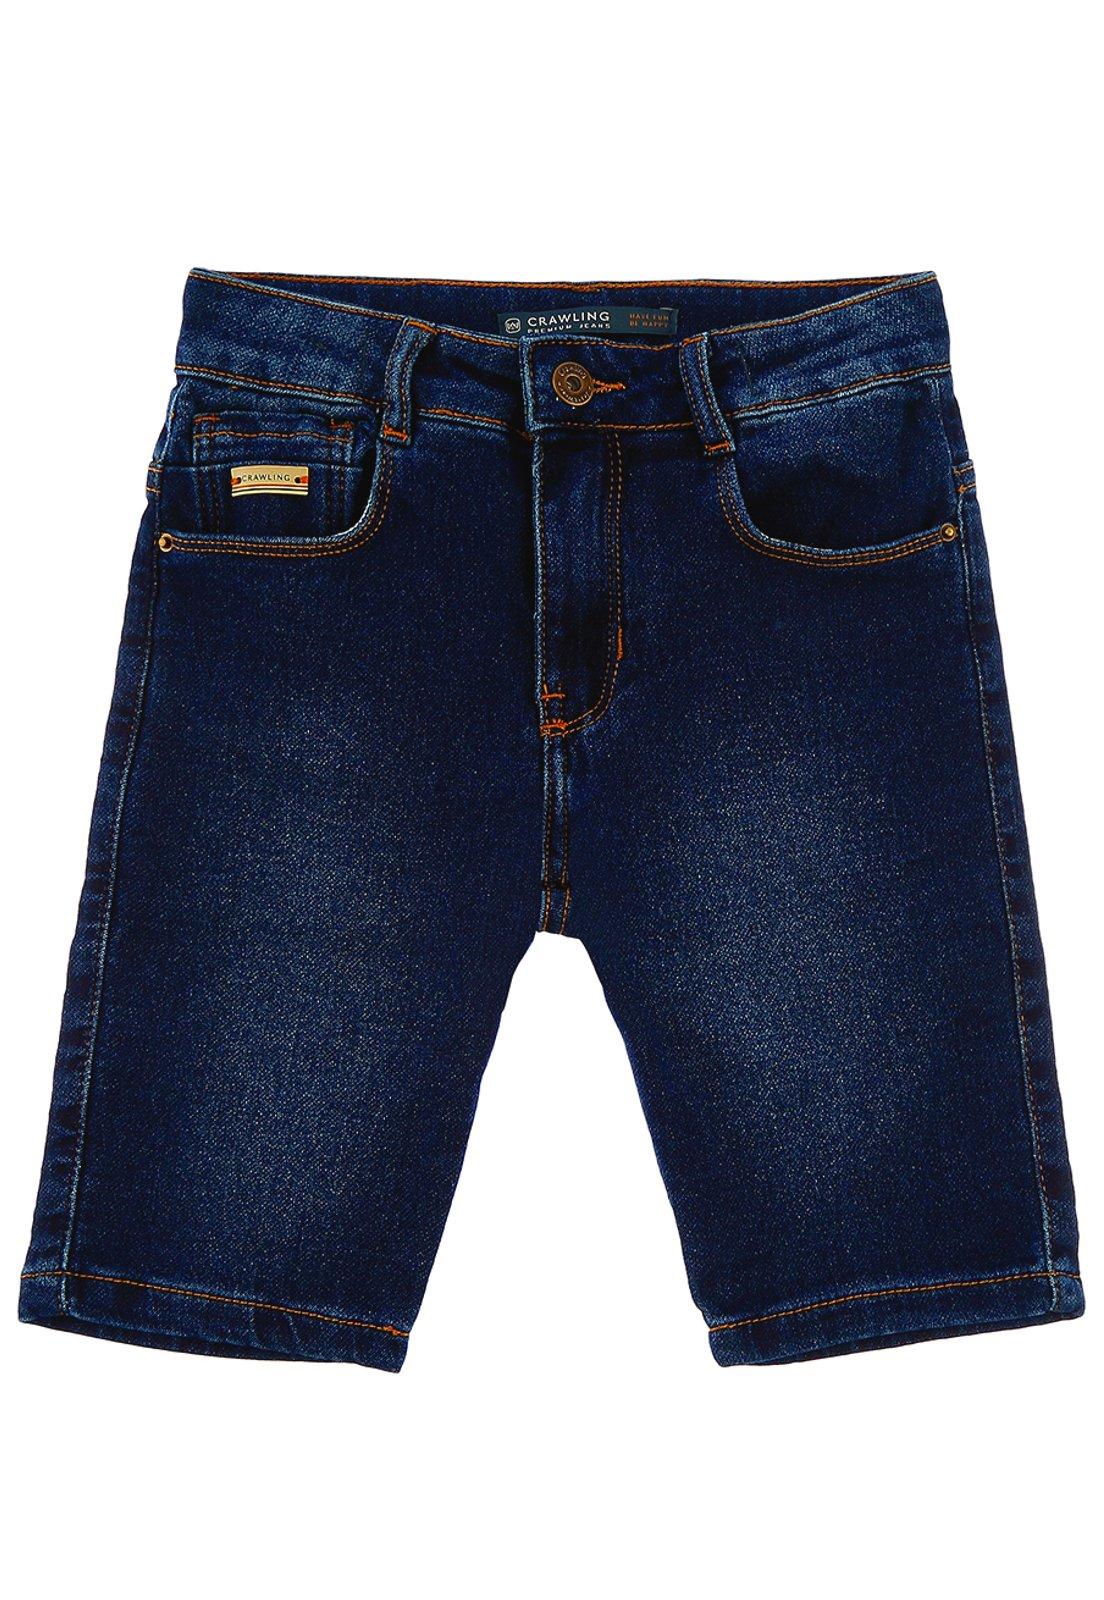 Bermuda Crawling Jeans Infantil Moletom